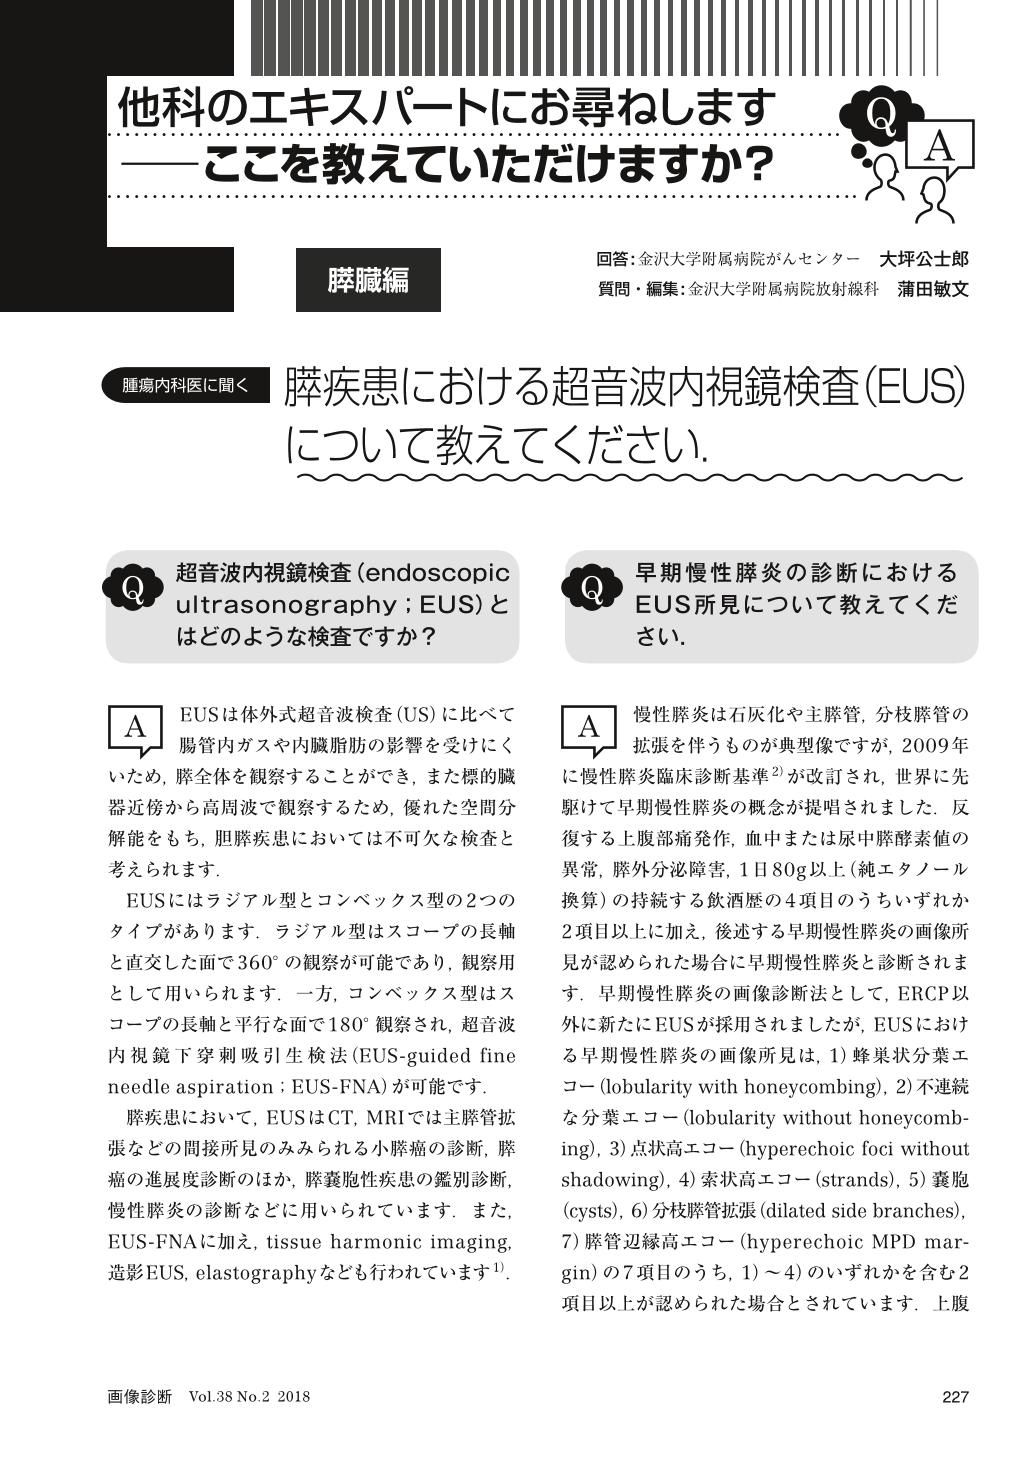 膵臓編 (画像診断 38巻2号) | 医書.jp